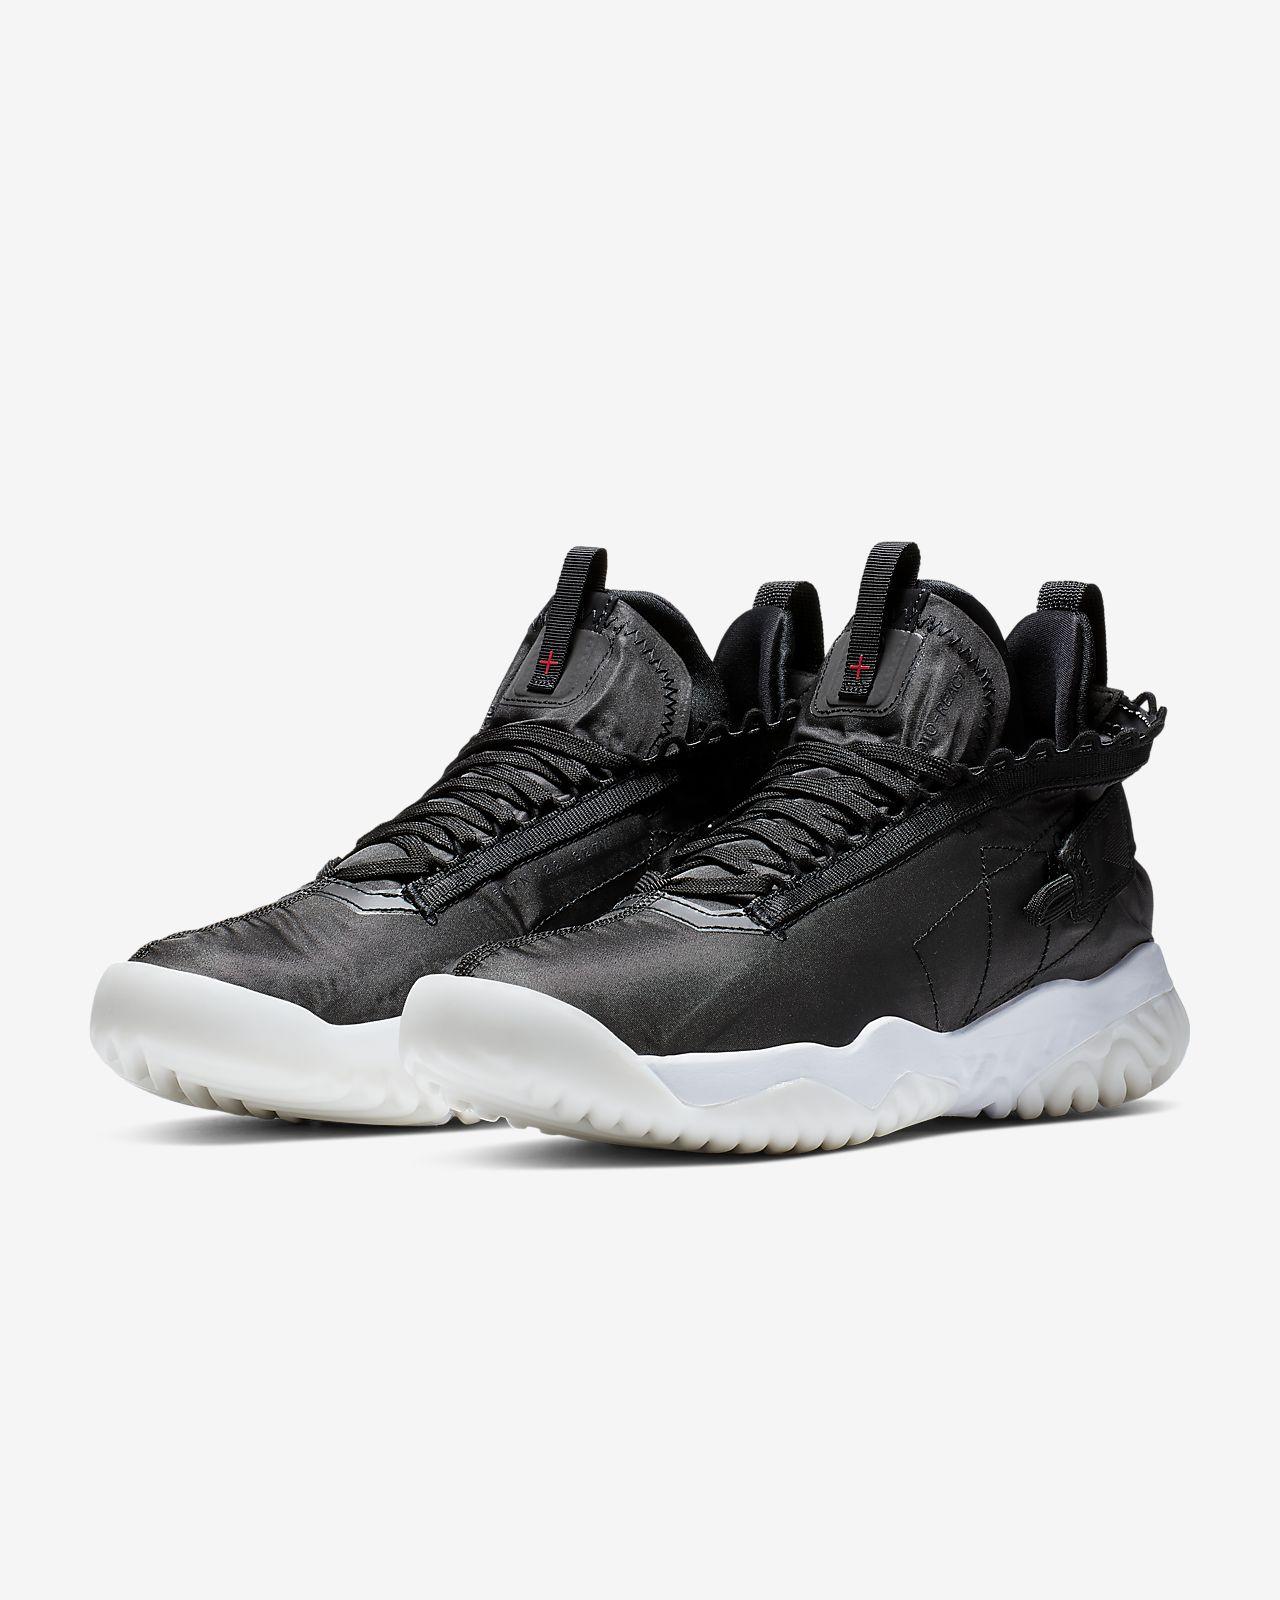 wholesale dealer 0a4d9 98fa1 ... Jordan Proto-React Men s Shoe